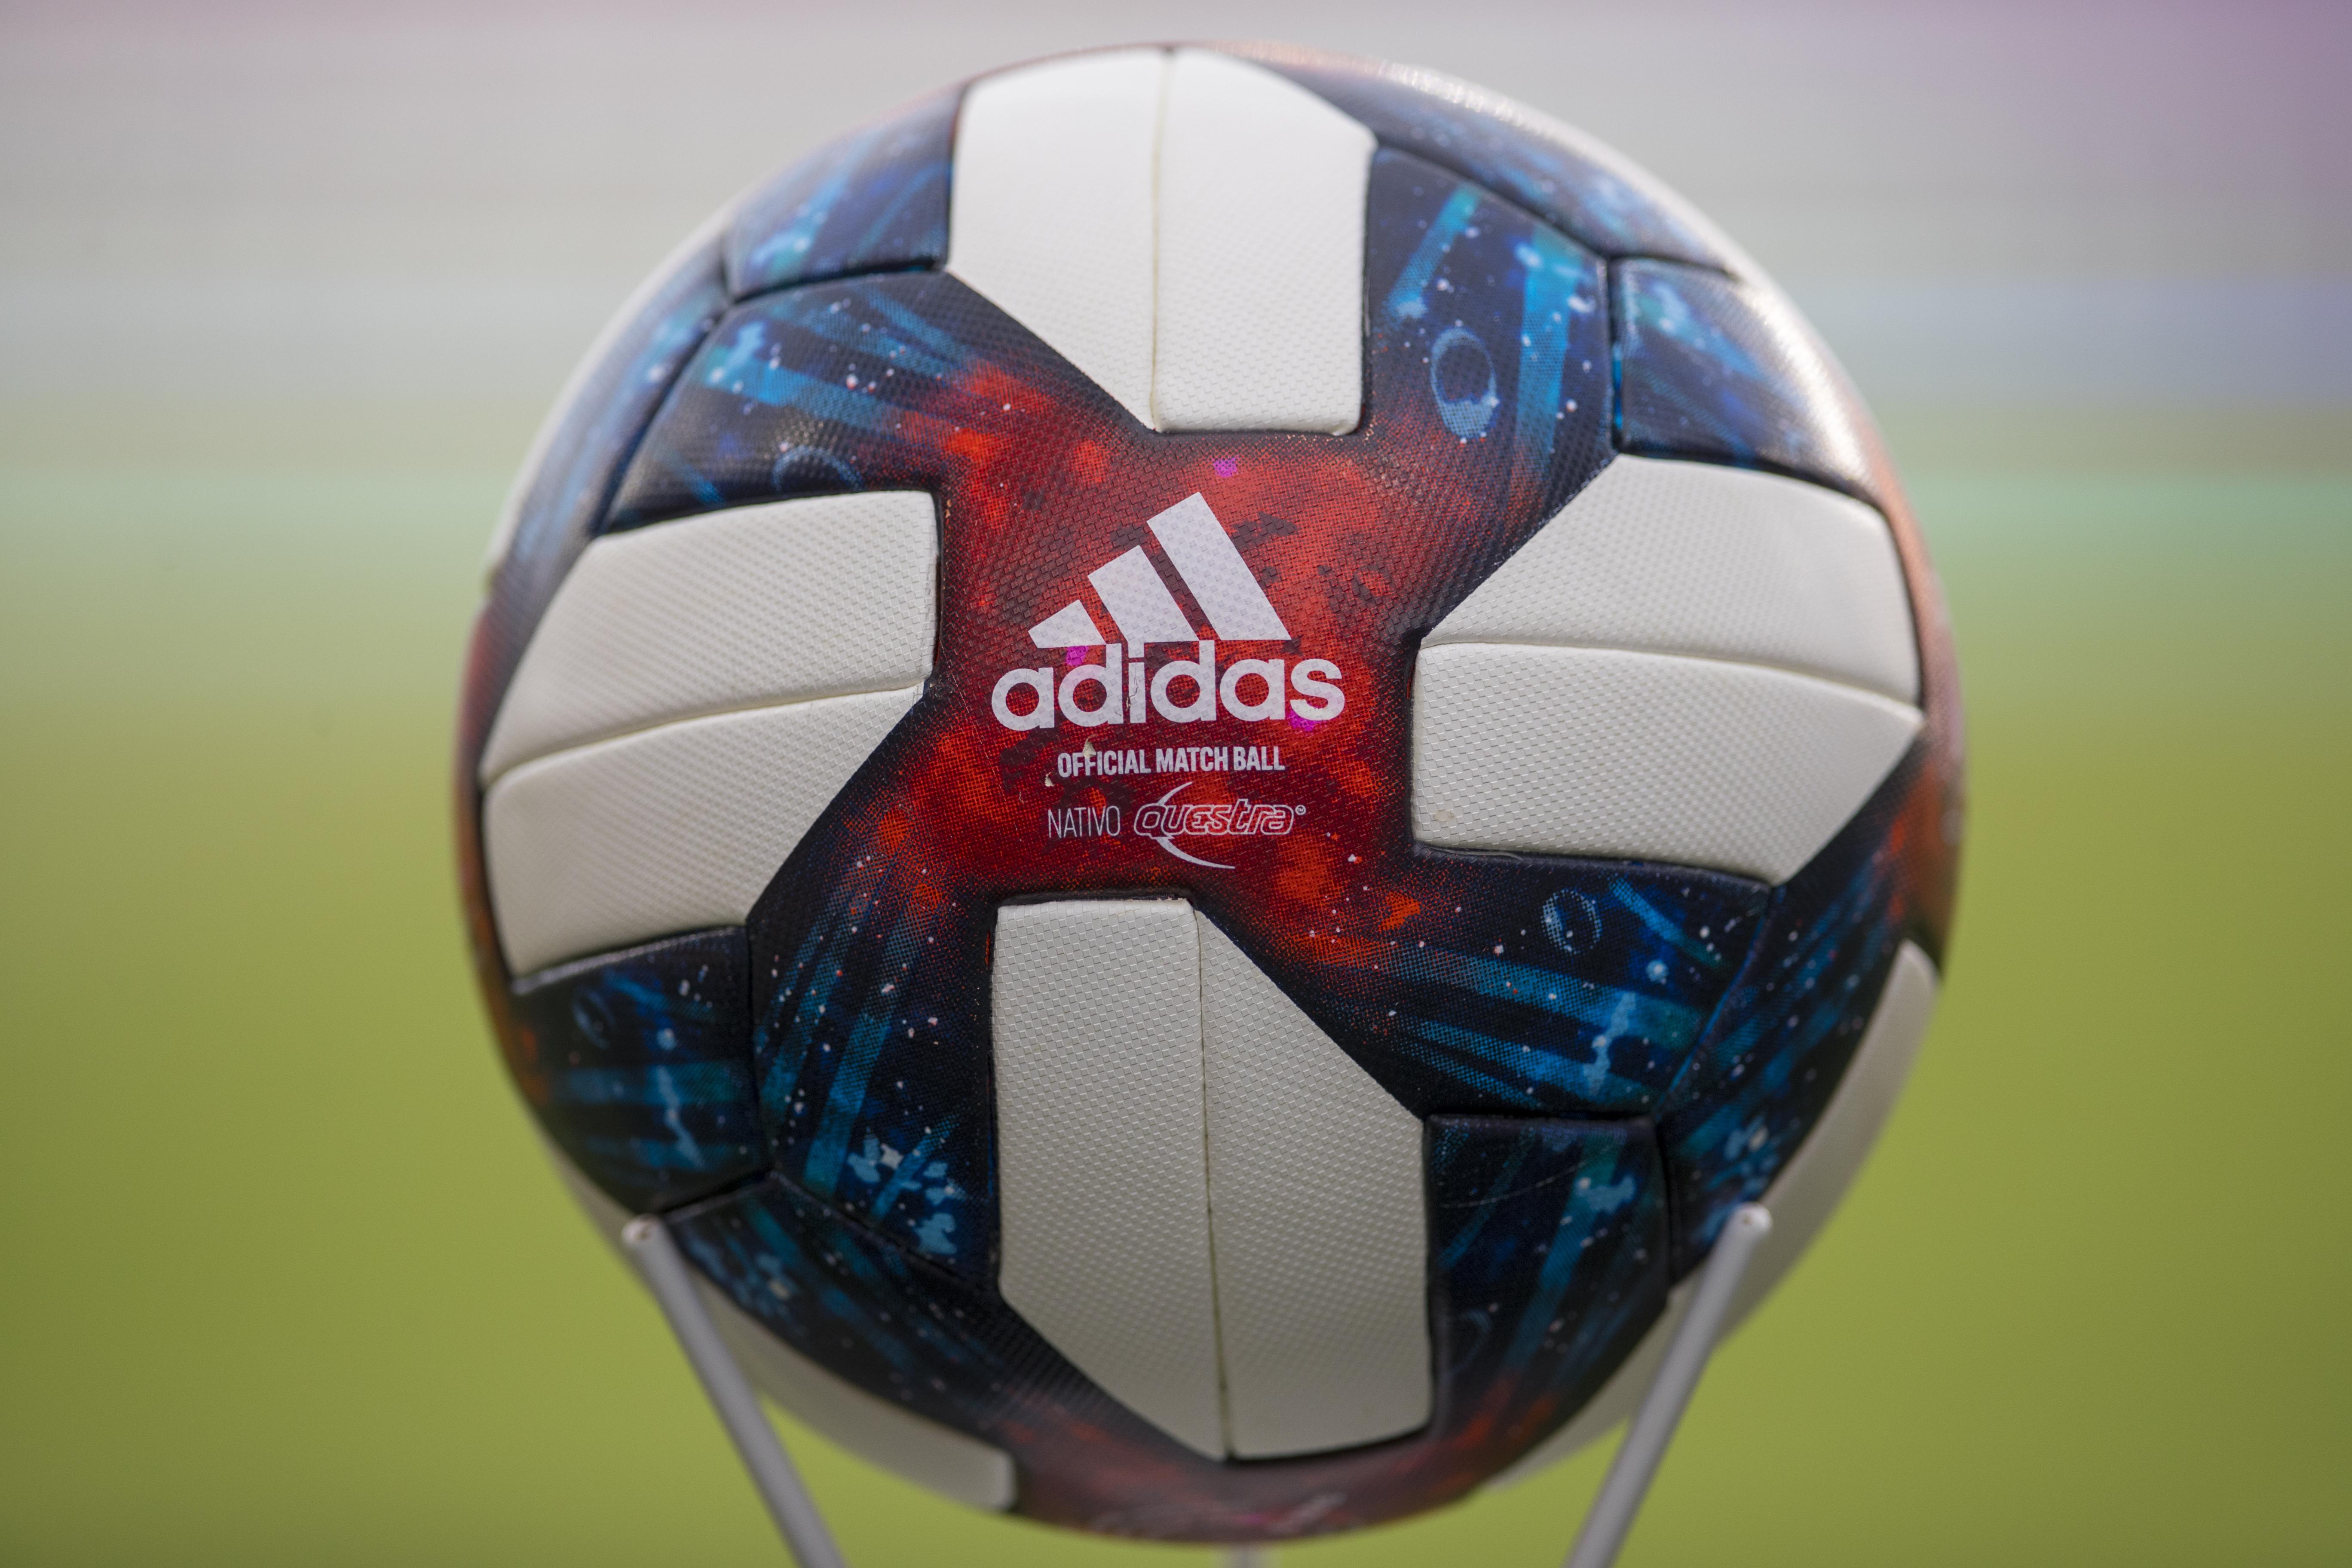 SOCCER: JUL 13 MLS - Columbus Crew SC at Orlando City SC